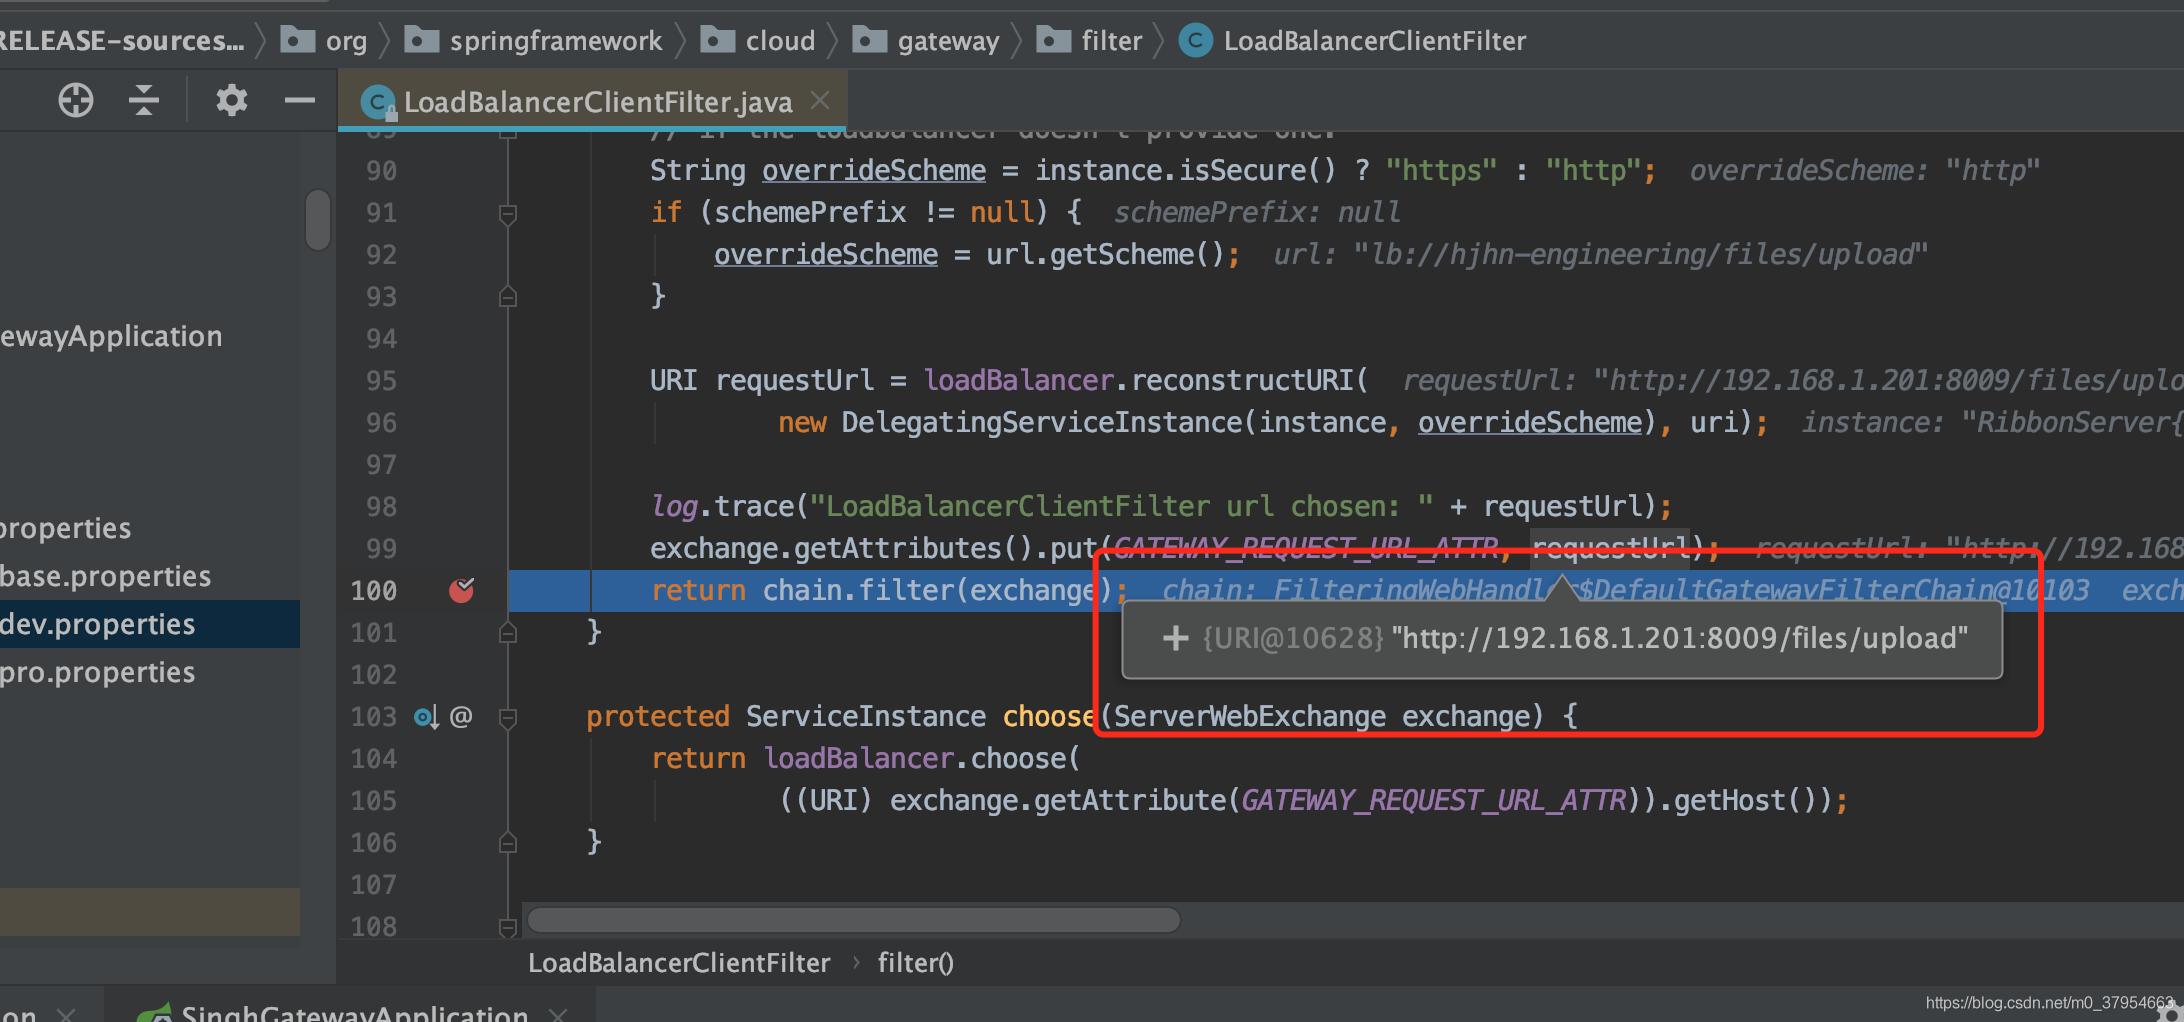 使用Gateway自定义负载均衡过滤器